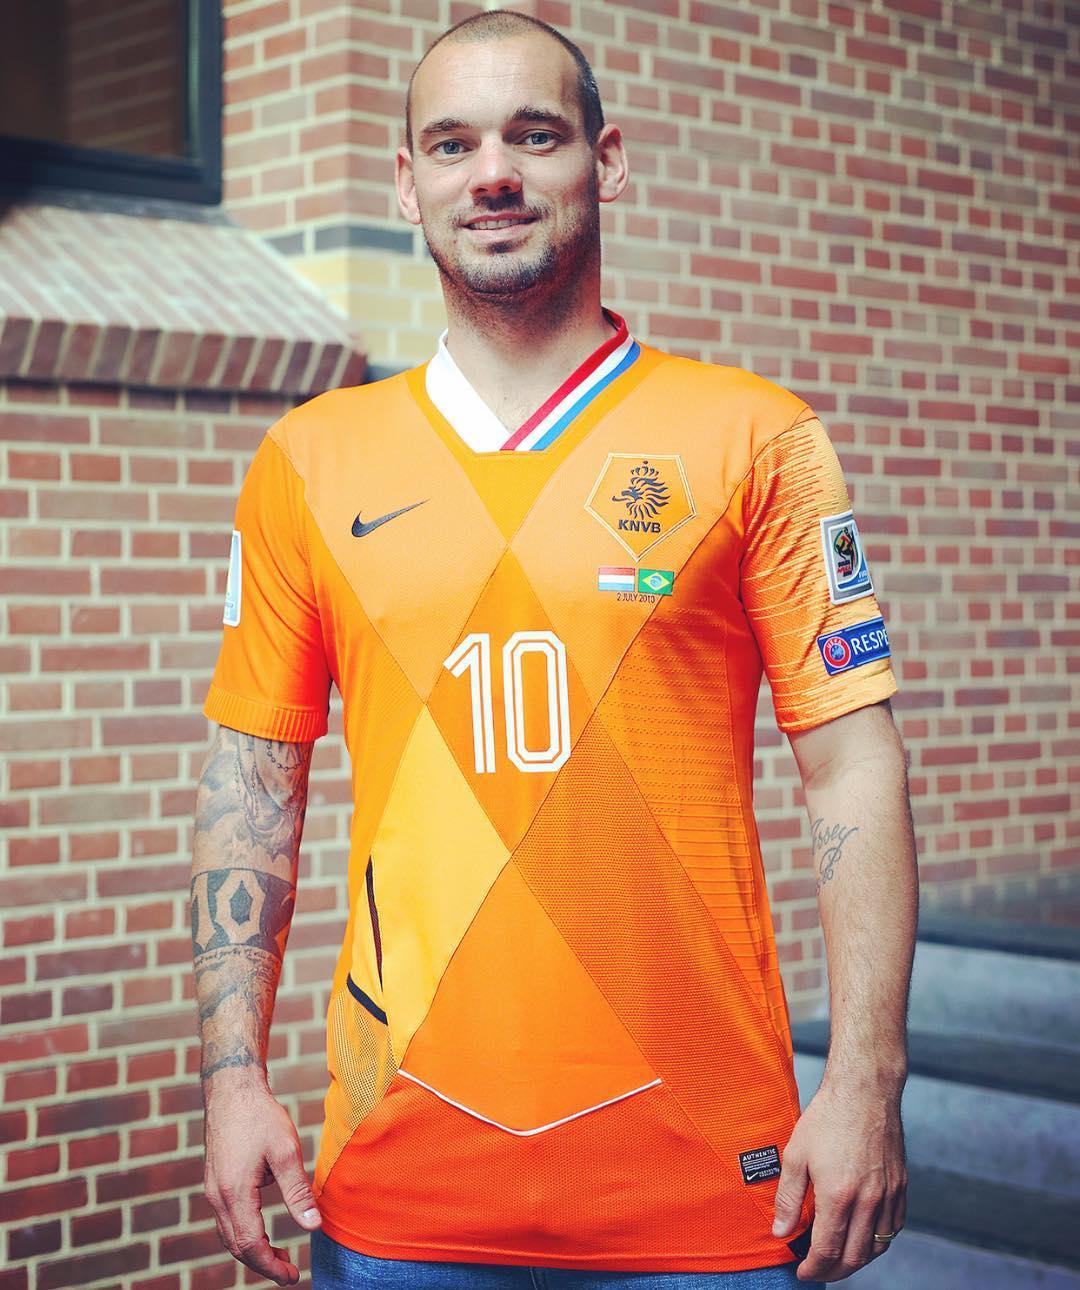 Wesley Snider vistió una camiseta hecha con retazos de todas las camisetas con las que había defendido los colores de la selección nacional holandesa. Foto: sneijder10official.